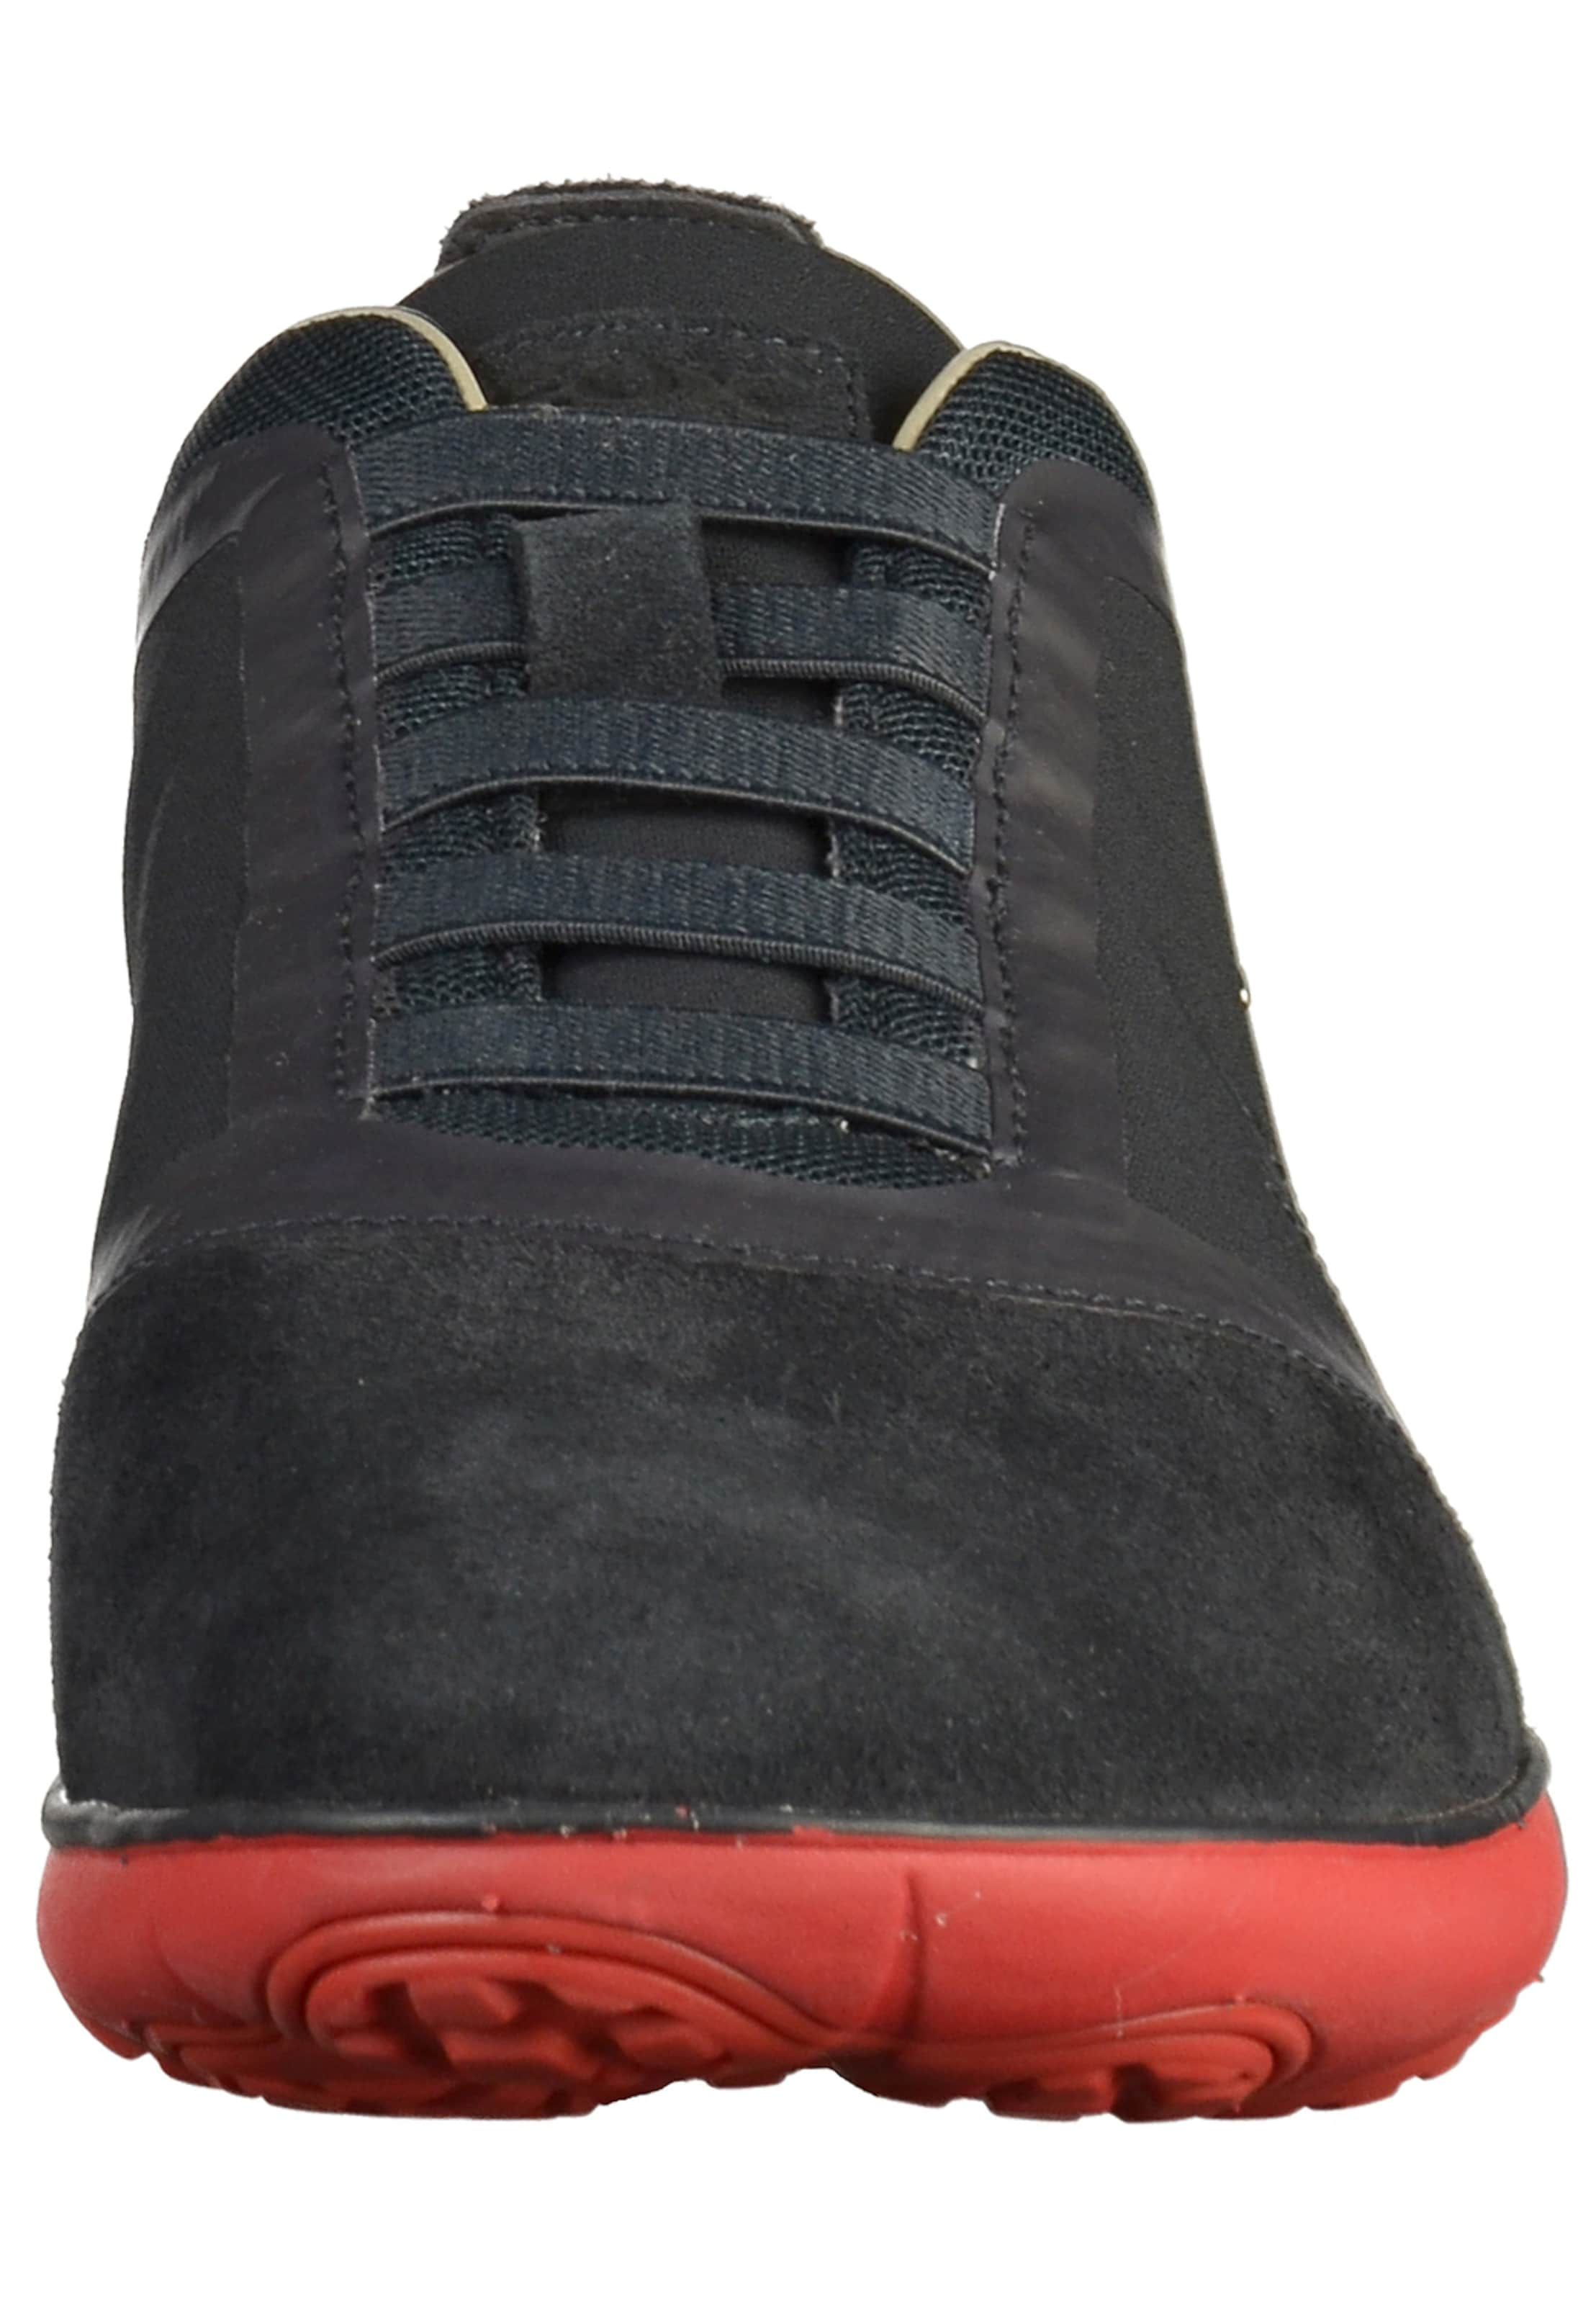 Geox Geox Sneaker In Sneaker Sneaker Geox NachtblauRot Sneaker In Geox NachtblauRot In NachtblauRot POkXwZuliT